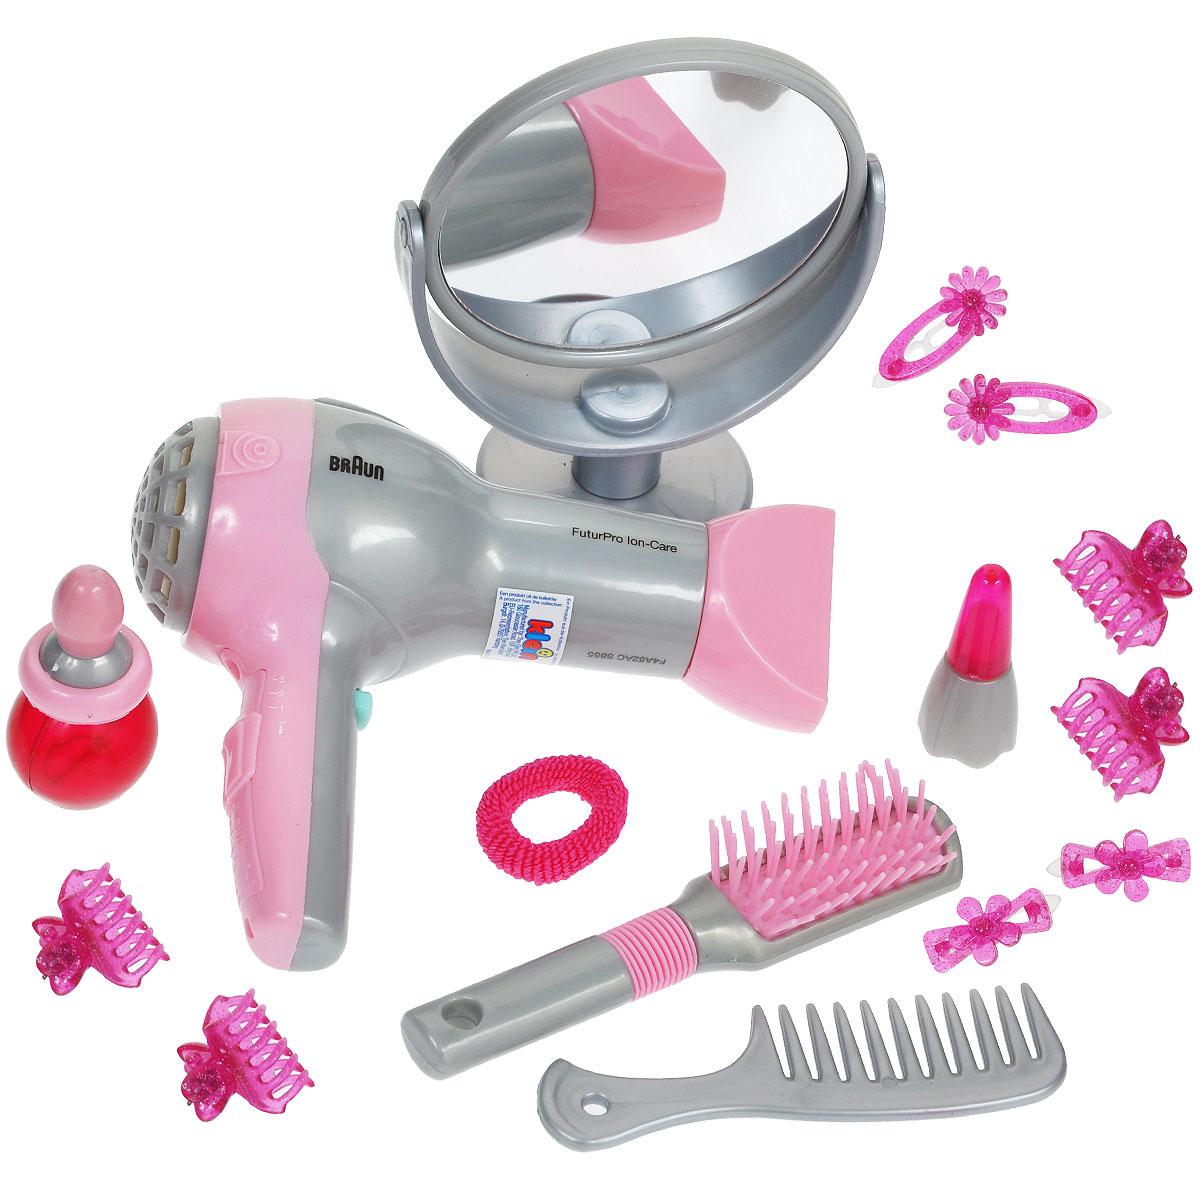 """Игровой набор Klein """"Braun. Парикмахер"""" позволит вашей юной моднице создавать удивительные прически не только своим куколкам! В набор входит все необходимое: фен, щетка для волос, расческа-гребень, зеркало на ножке, два флакончика, заколочки и резиночка для волос. Фен совсем как настоящий - при нажатии на кнопку он воспроизводит реалистичные звуки работающего фена и дует воздухом. Элементы набора хранятся в полупрозрачном пластиковом чемоданчике с удобной нескользящей ручкой, который ваша малышка всегда сможет взять с собой в поездку или на прогулку. Ваша малышка с удовольствием будет играть с набором, представляя себя настоящим парикмахером и мастером своего дела! Необходимо докупить батарею напряжением 1,5V типа АА (Не входит в комплект)."""